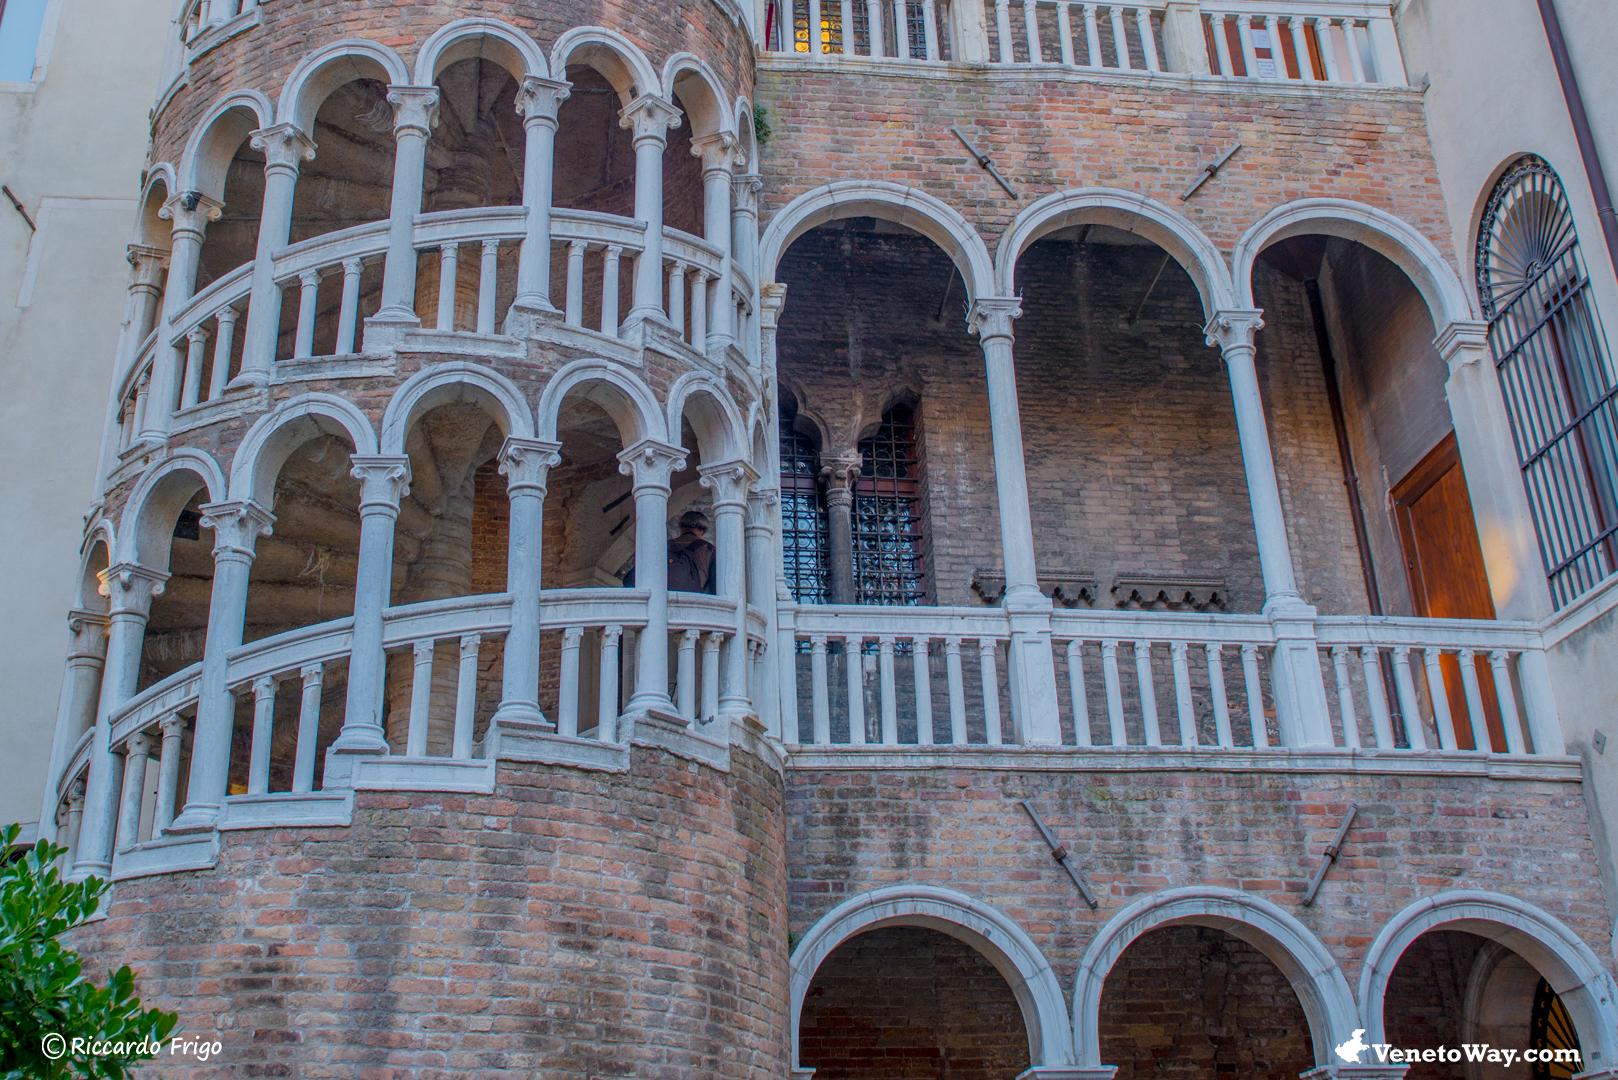 Palazzo Contarini Bovolo